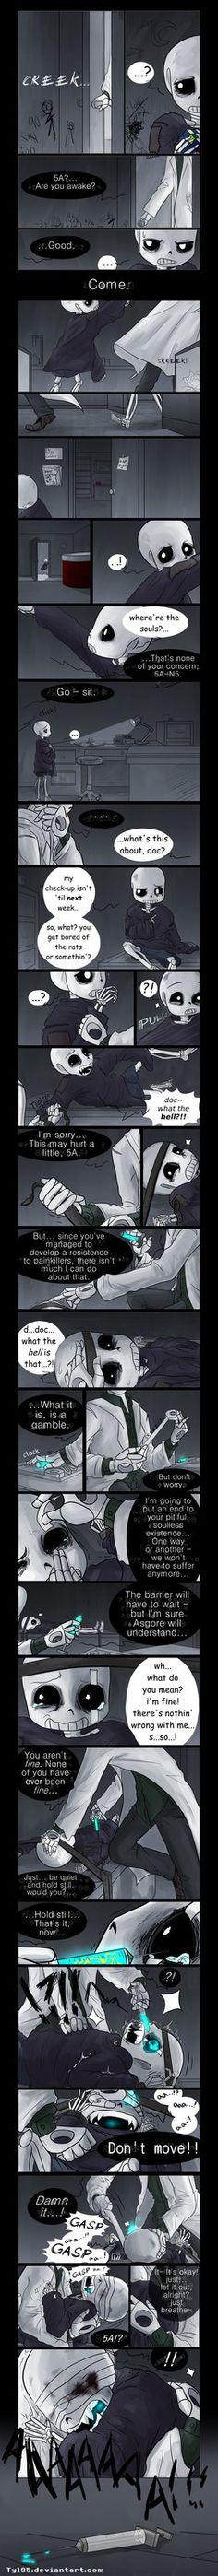 Window to the Soul (Undertale Comic) by Tyl95.deviantart.com on @DeviantArt